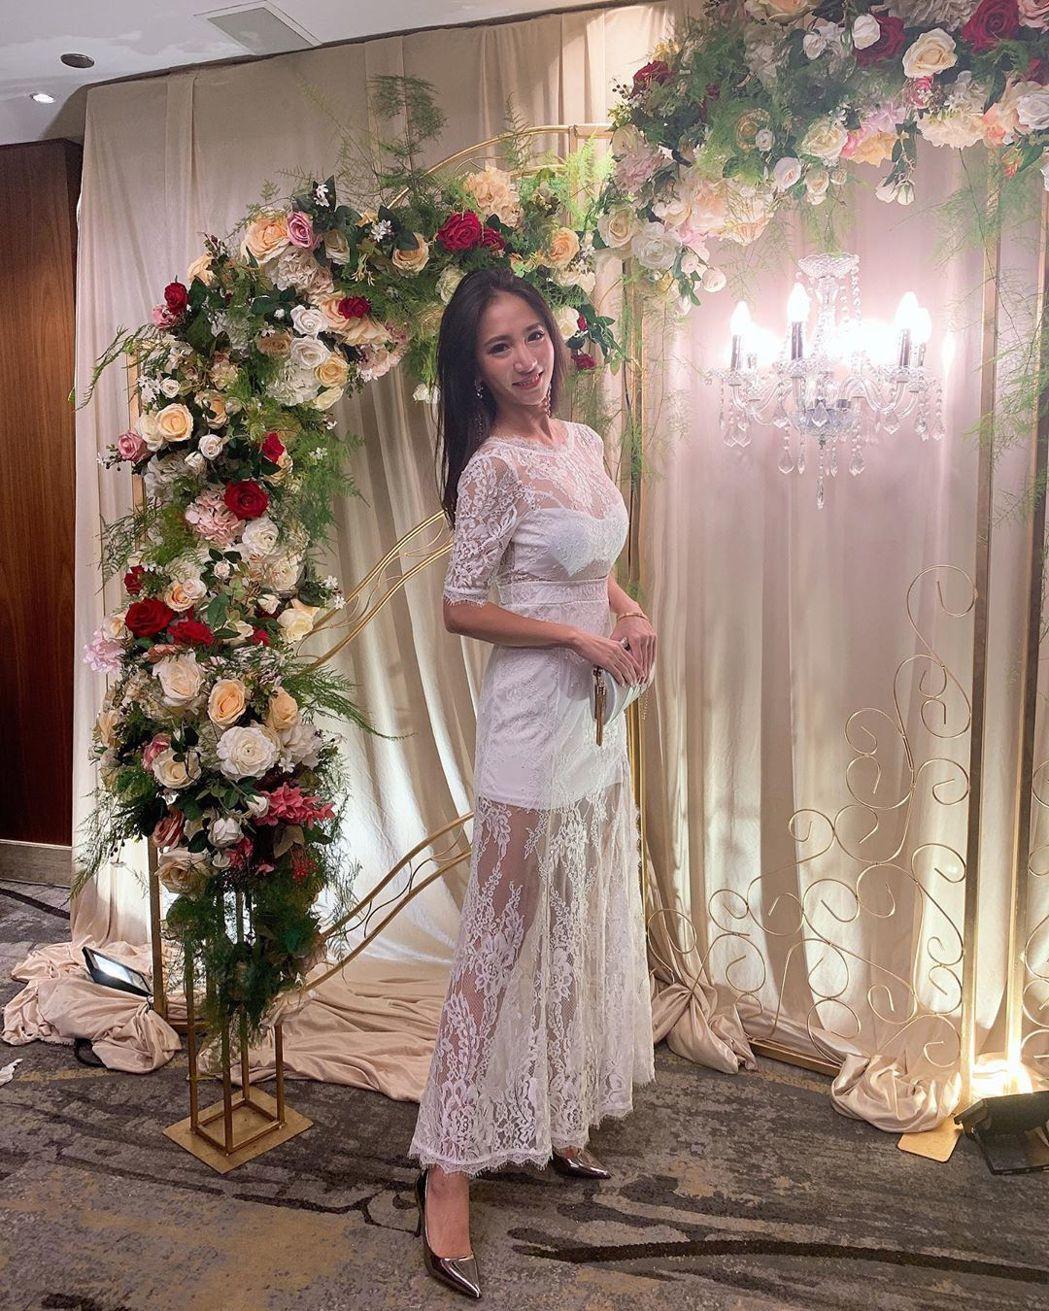 林采緹以鏤空蕾絲洋裝出席表哥婚宴。圖/摘自林采緹IG